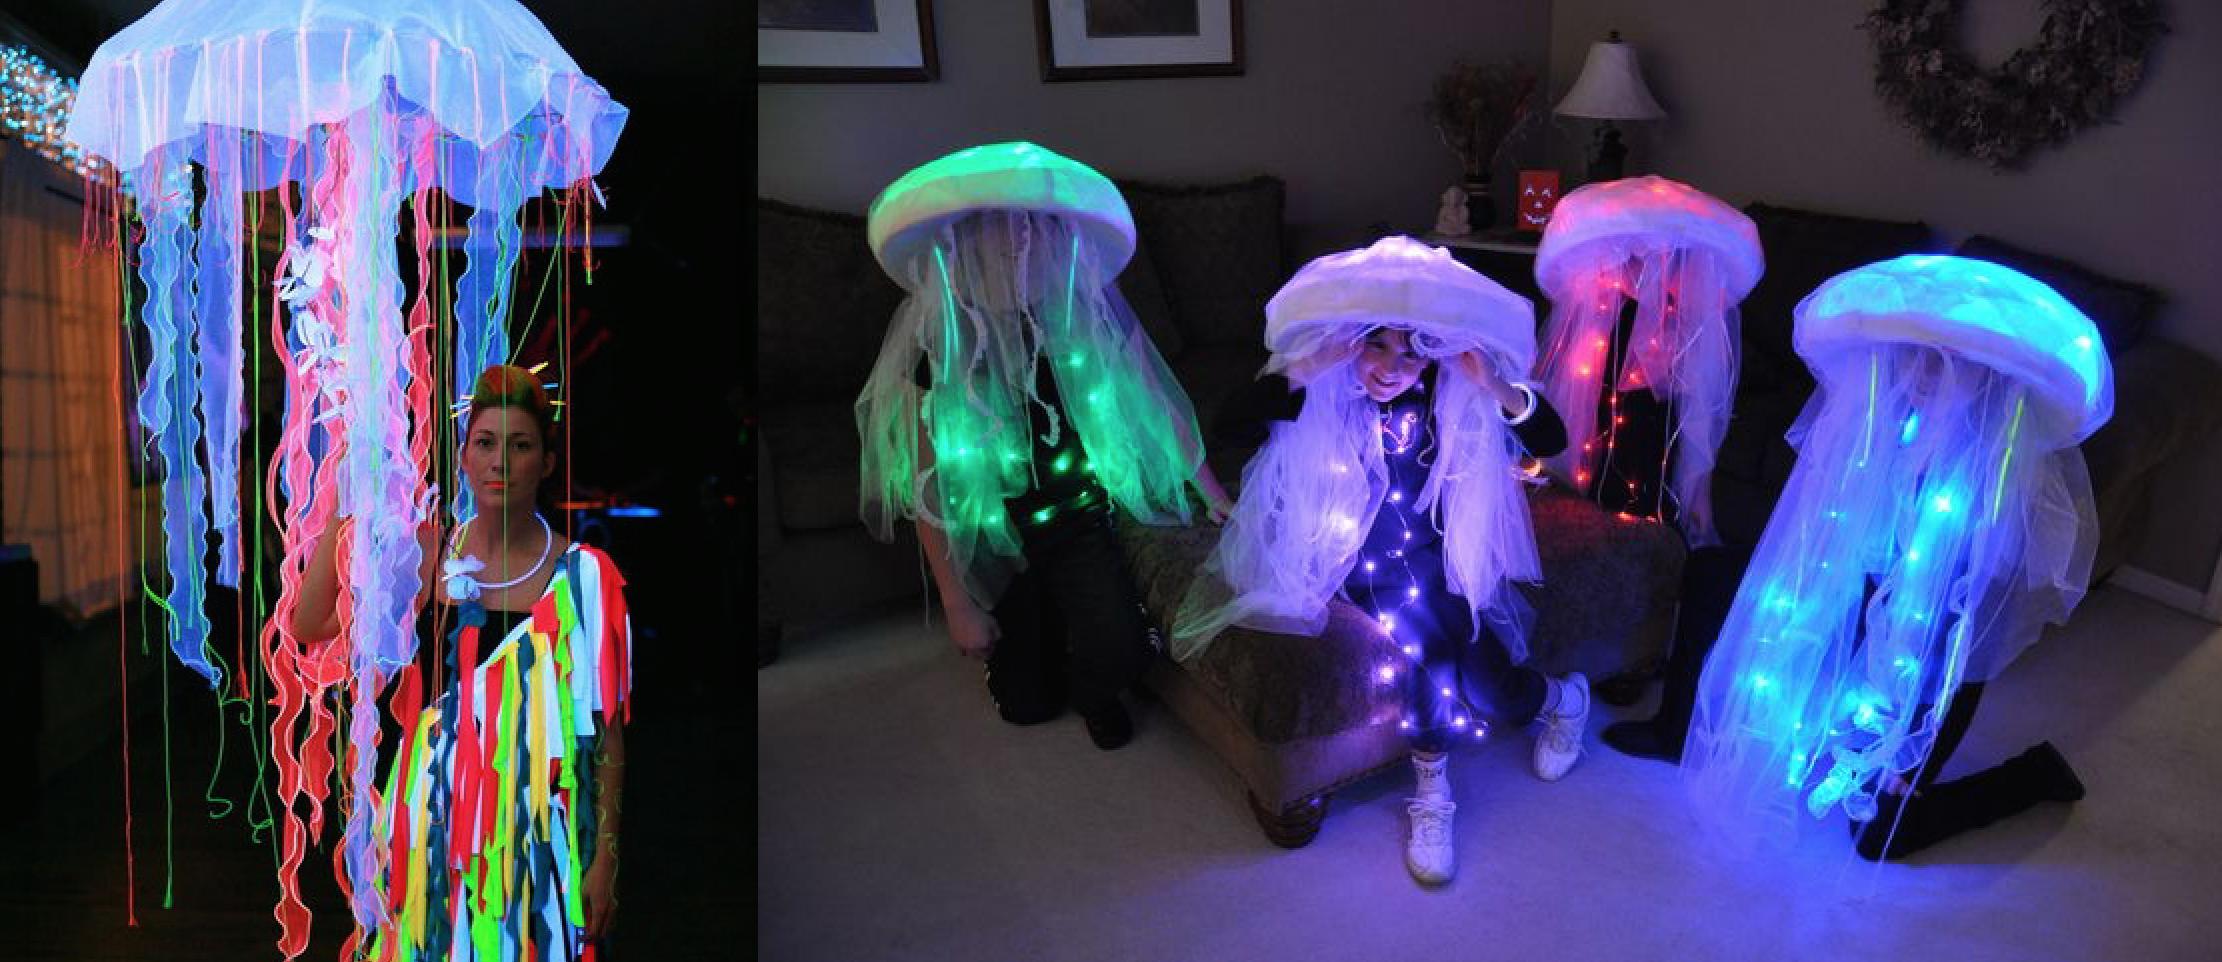 Resultado de imagen para jellyfish costume | disfraz yo | Pinterest